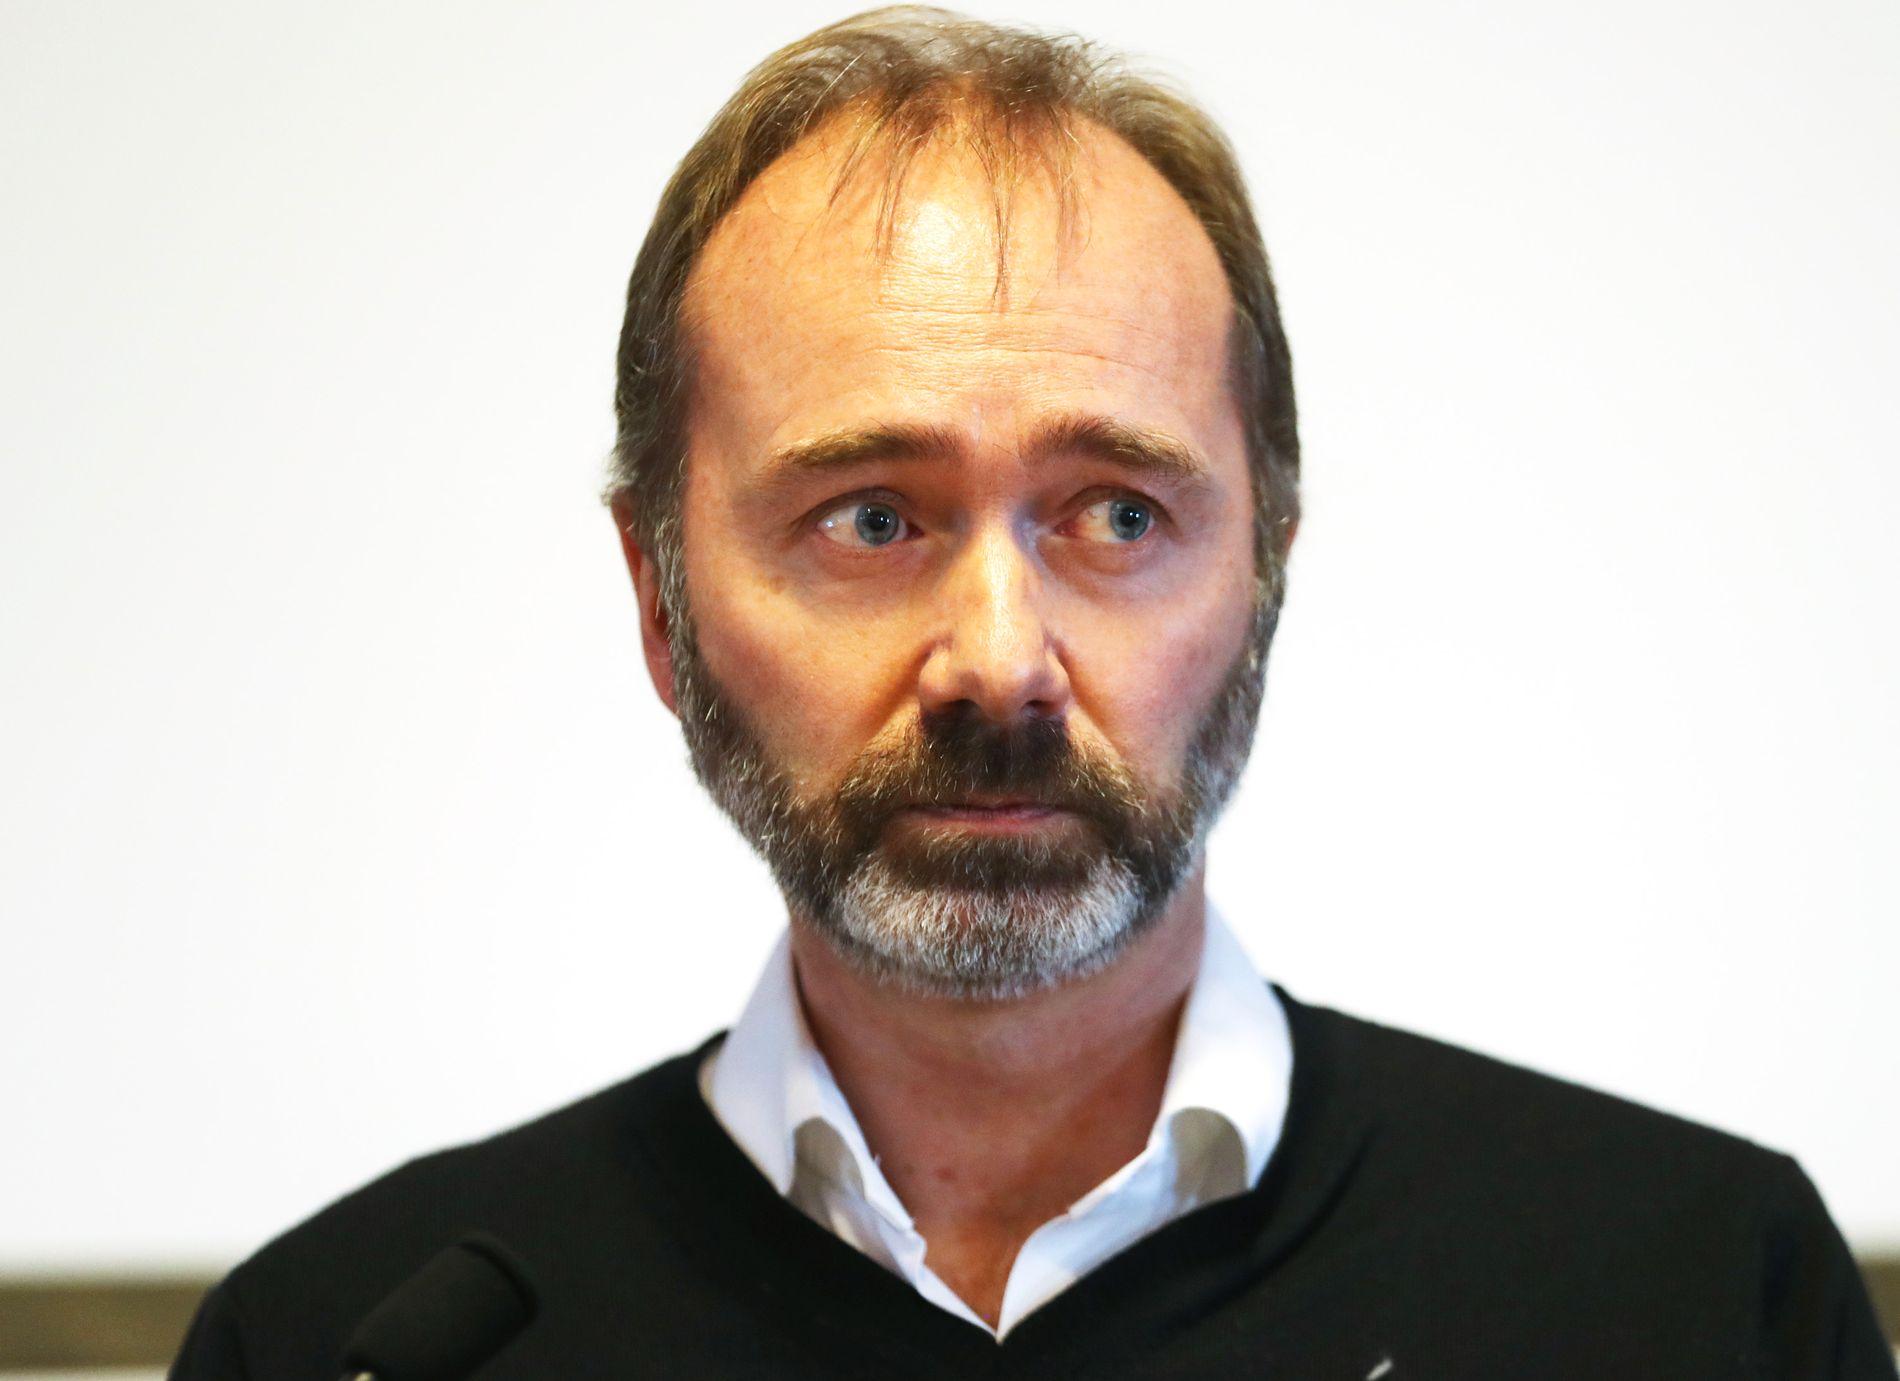 GISKE: Stortingsrepresentant og tidligere nestleder Trond Giske fortsetter å møte i styret i Trøndelag Ap fordi han er stortingsrepresentant.